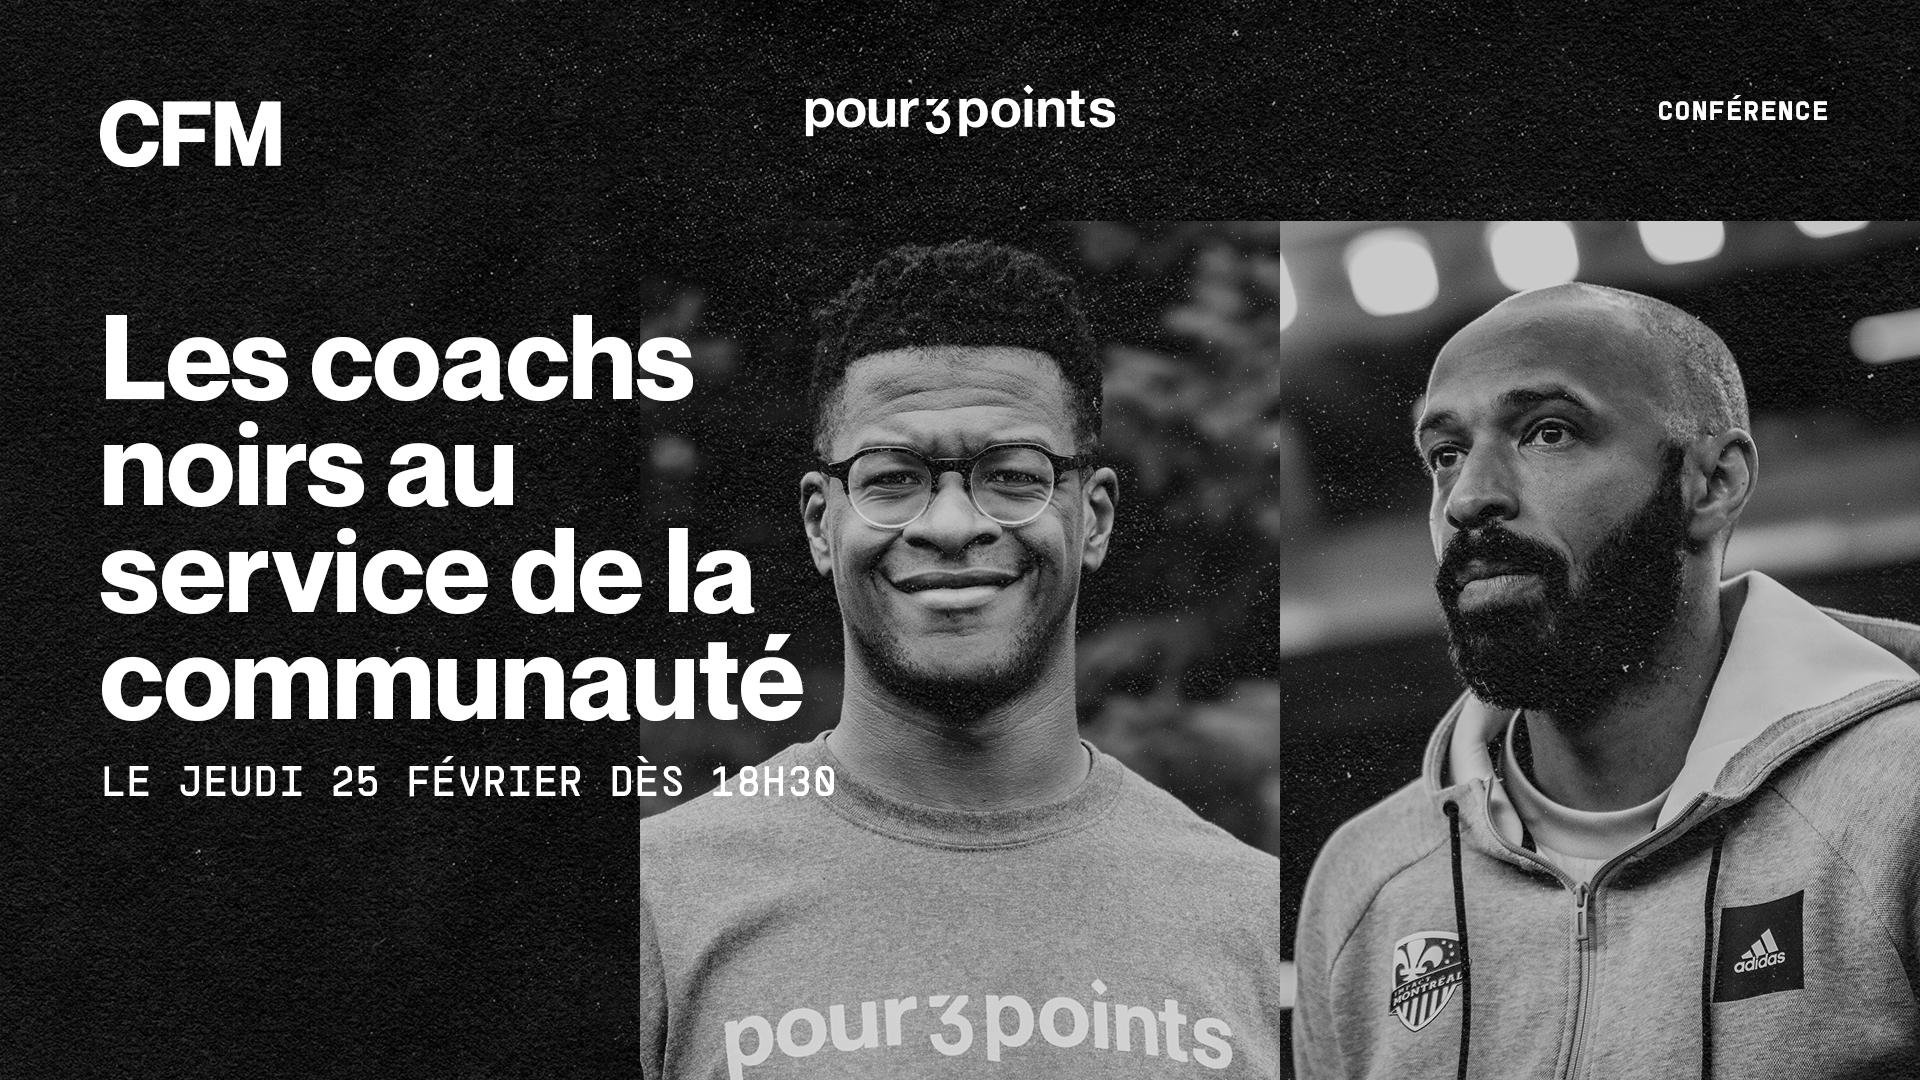 Les coachs noirs au service de la communauté